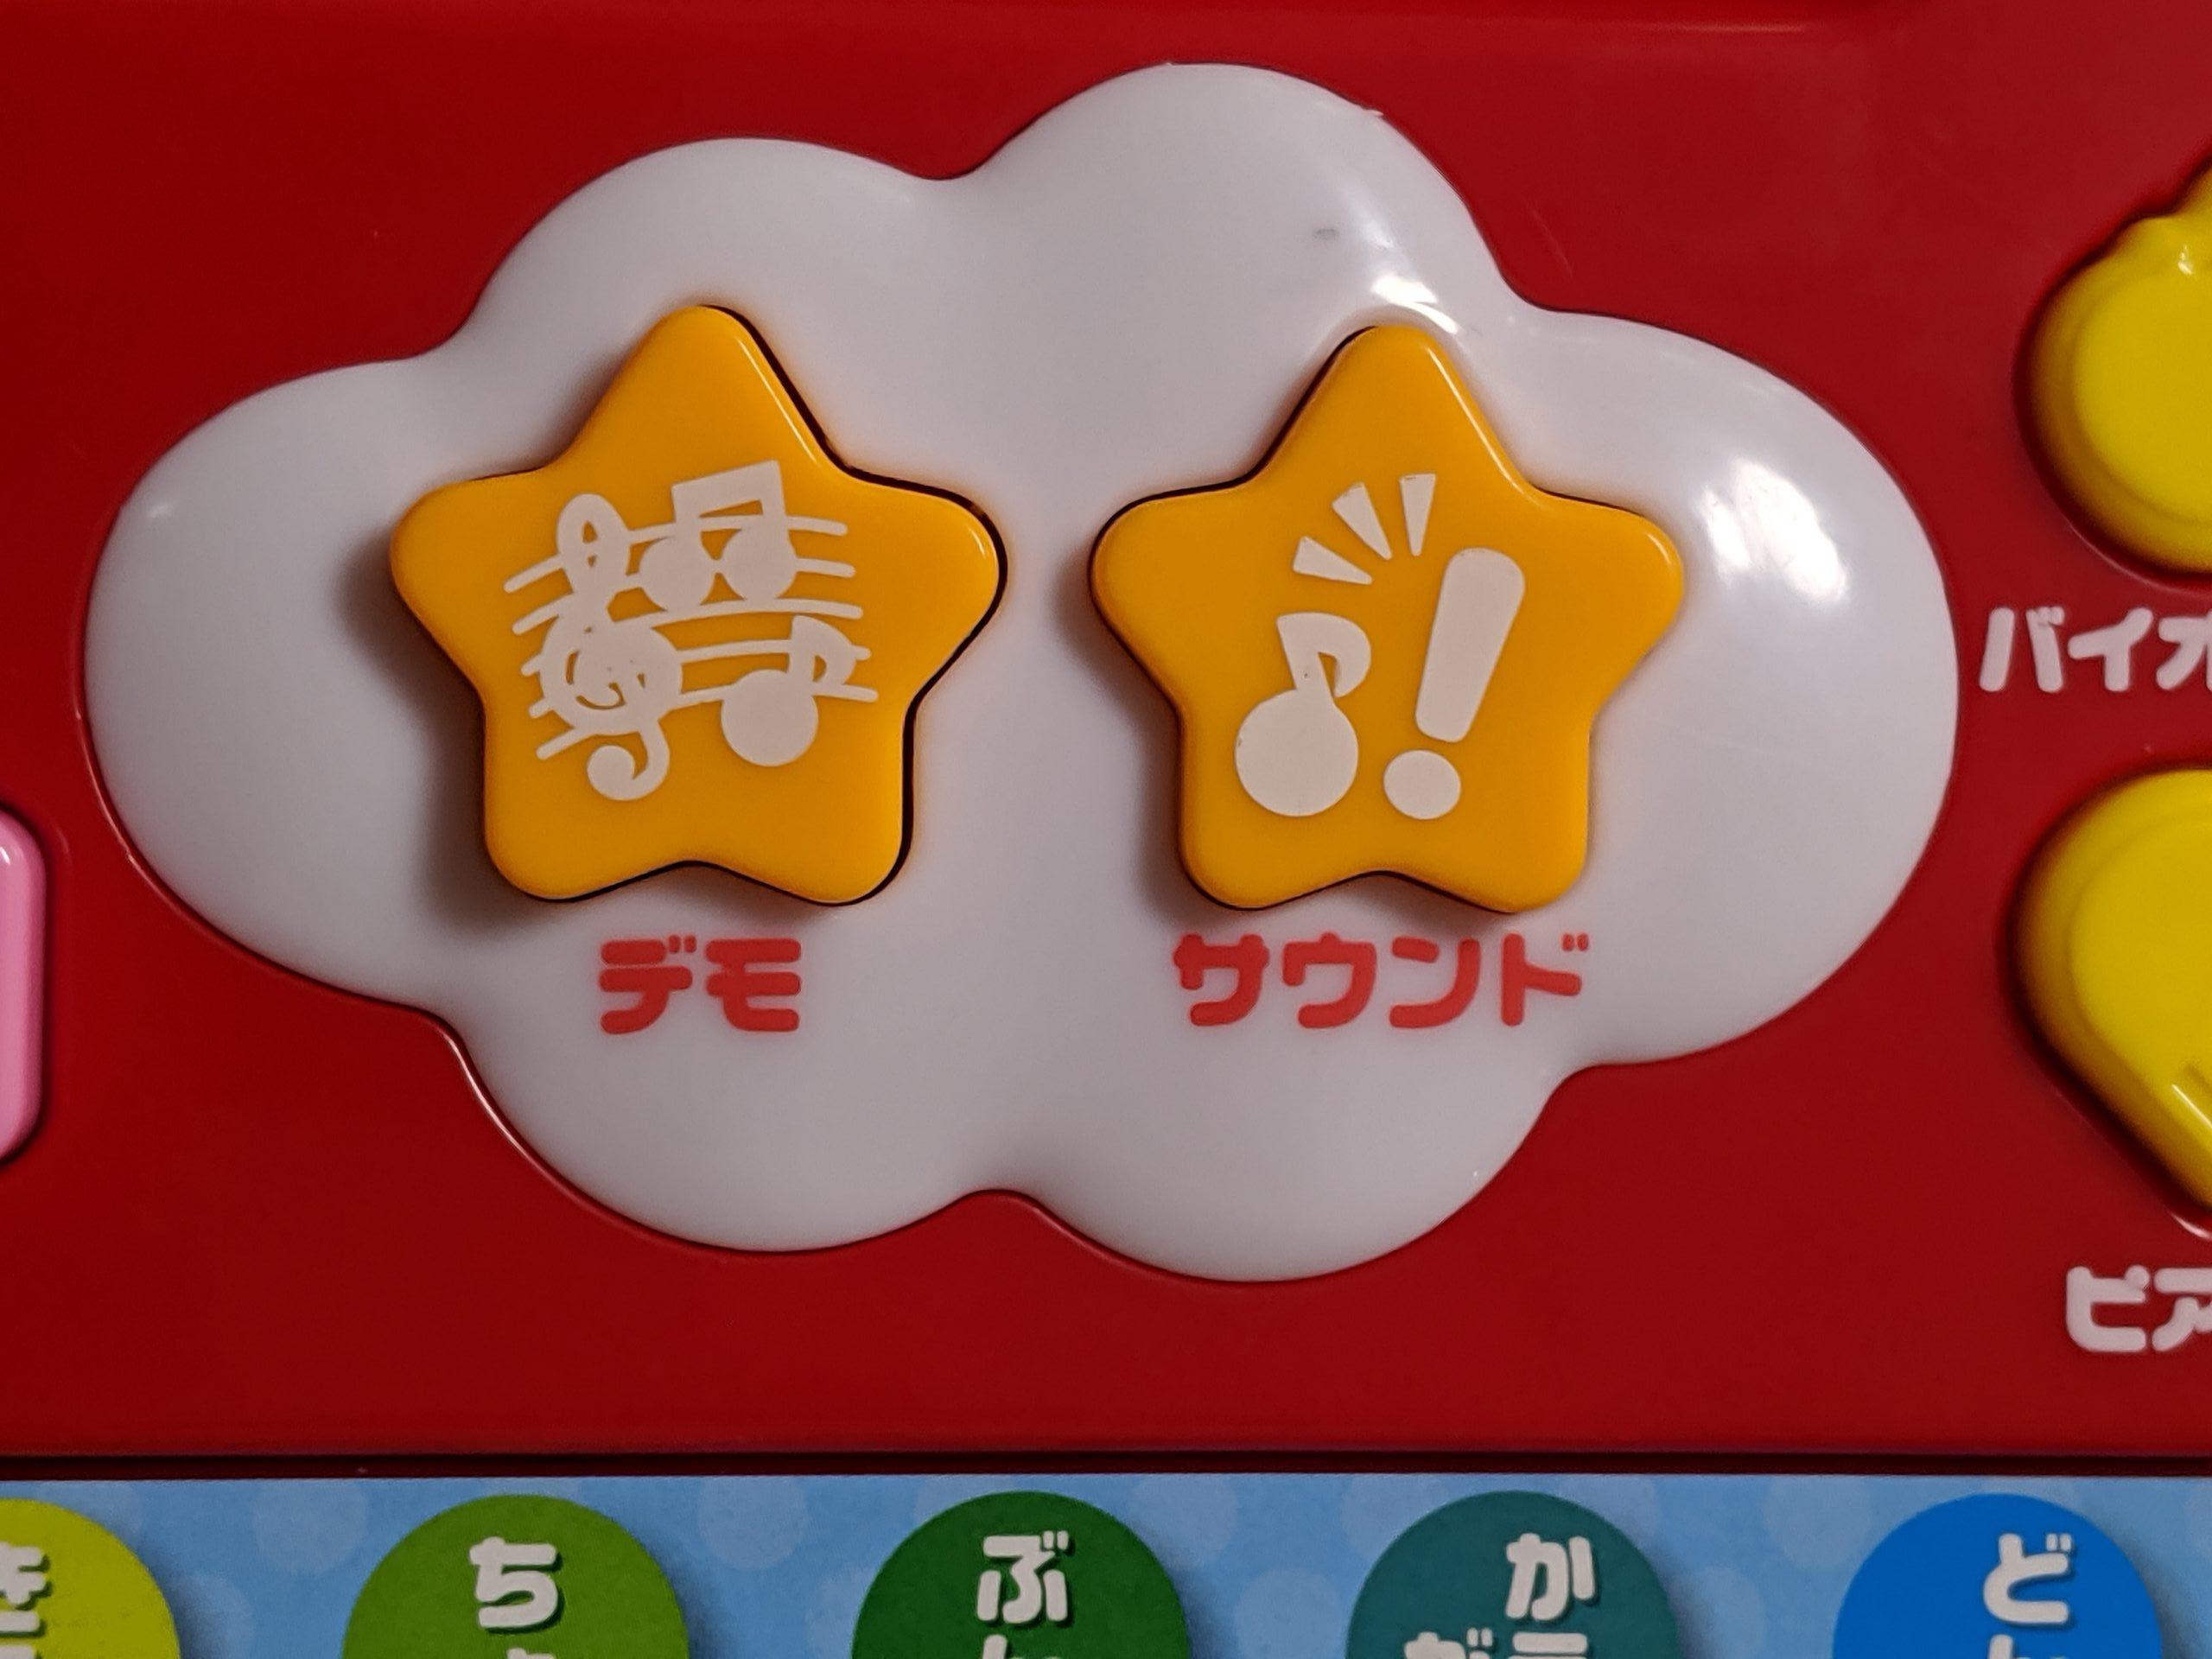 アンパンマン キーボードデモとサウンドボタン